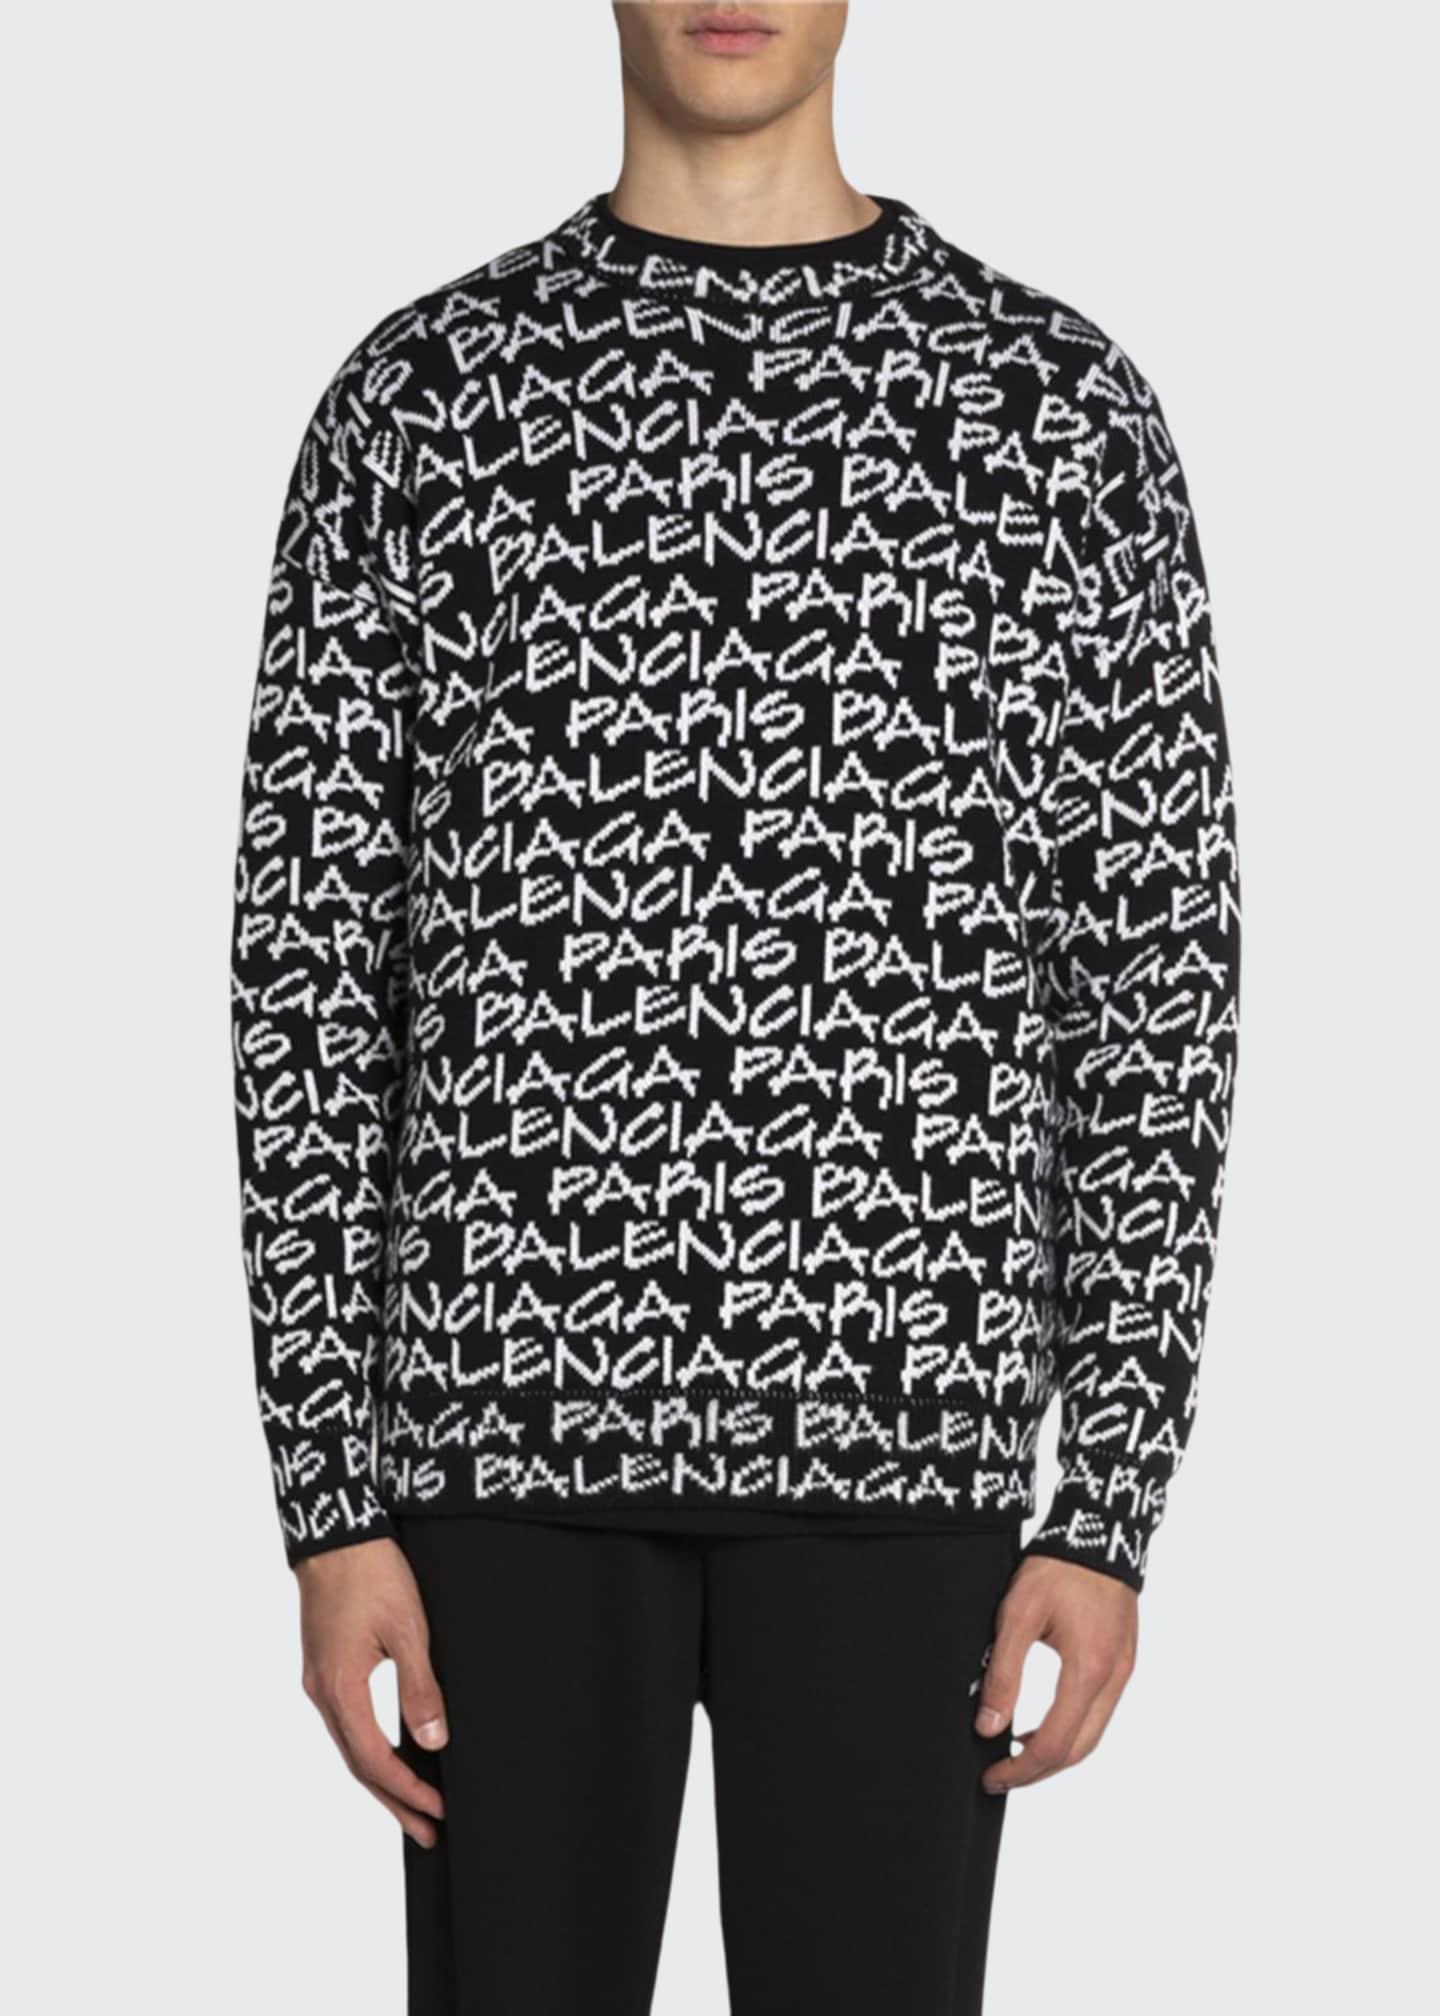 Balenciaga Men's Logo Intarsia-Knit Crewneck Sweater